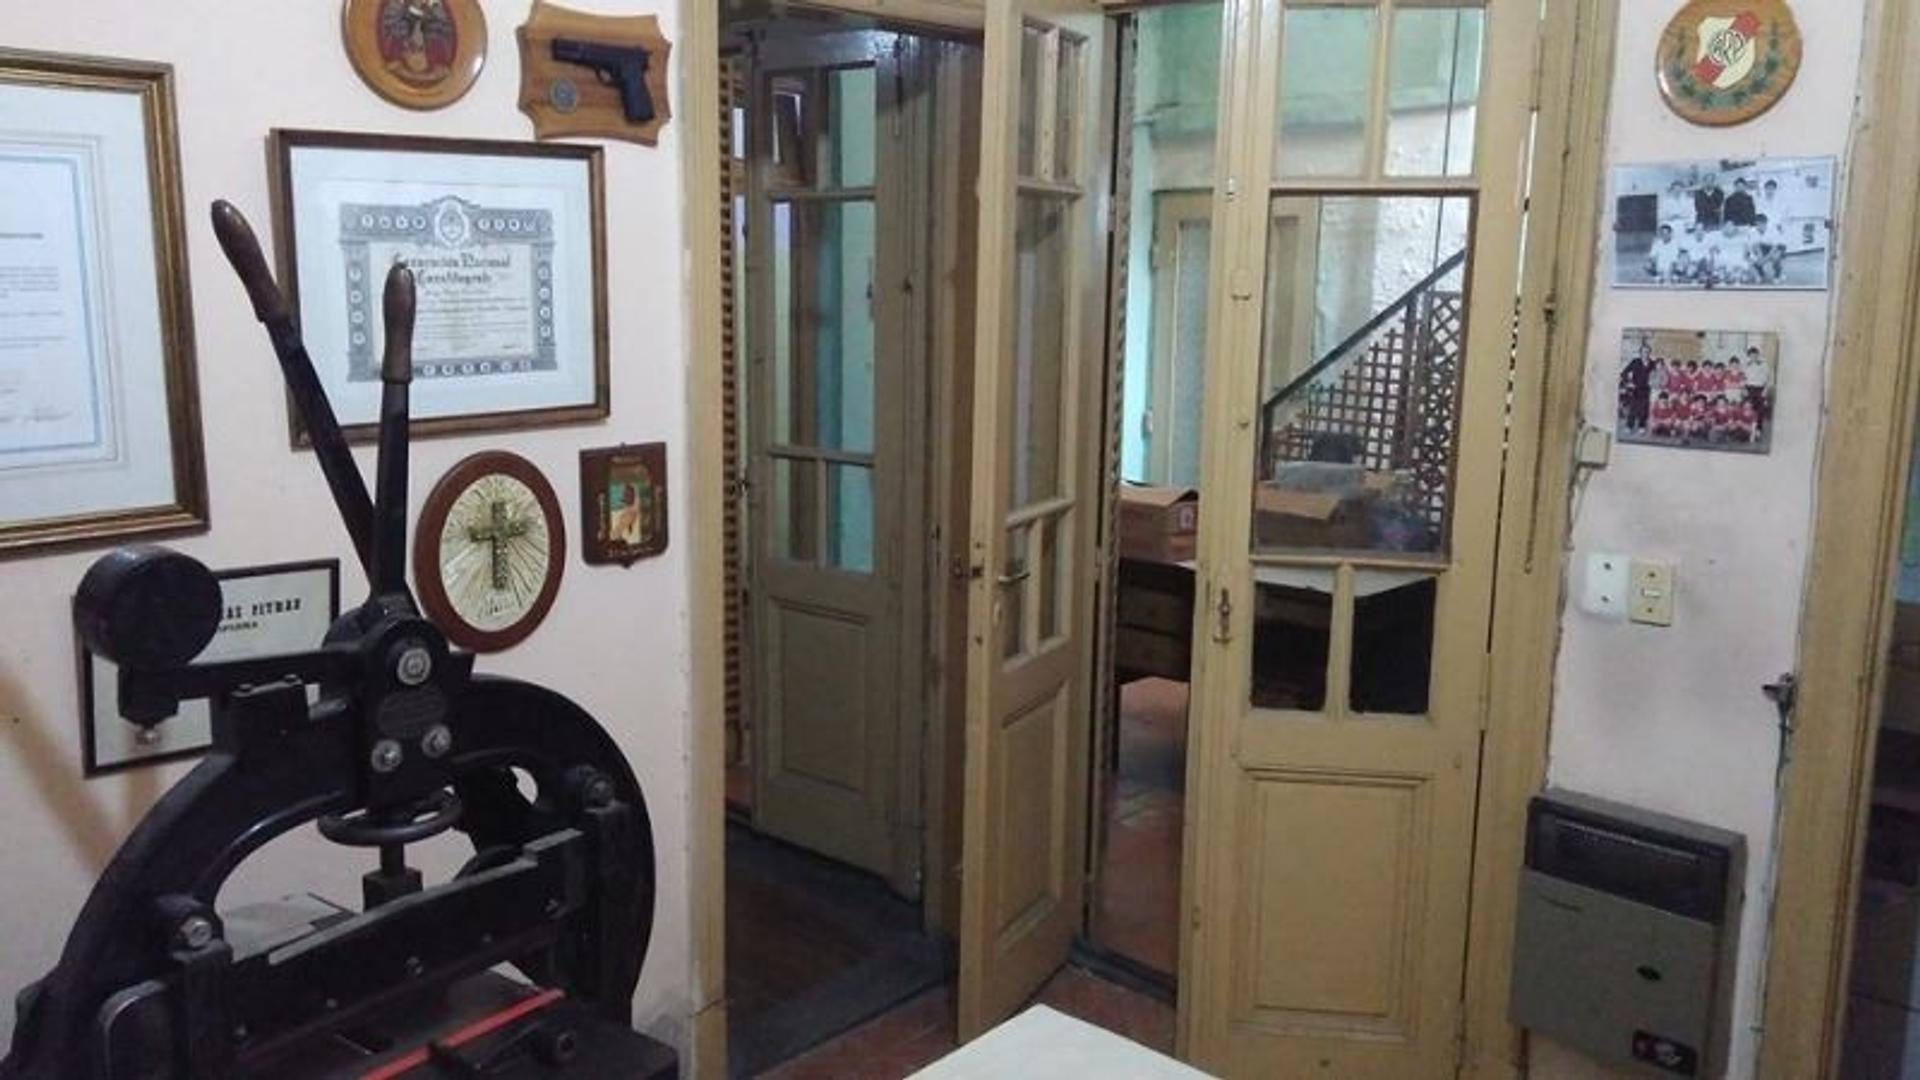 DEPARTAMENTO EN VENTA - SITIO DE MONTEVIDEO AL 1900, LANÚS ESTE - US$ 67.000 - 2 AMB